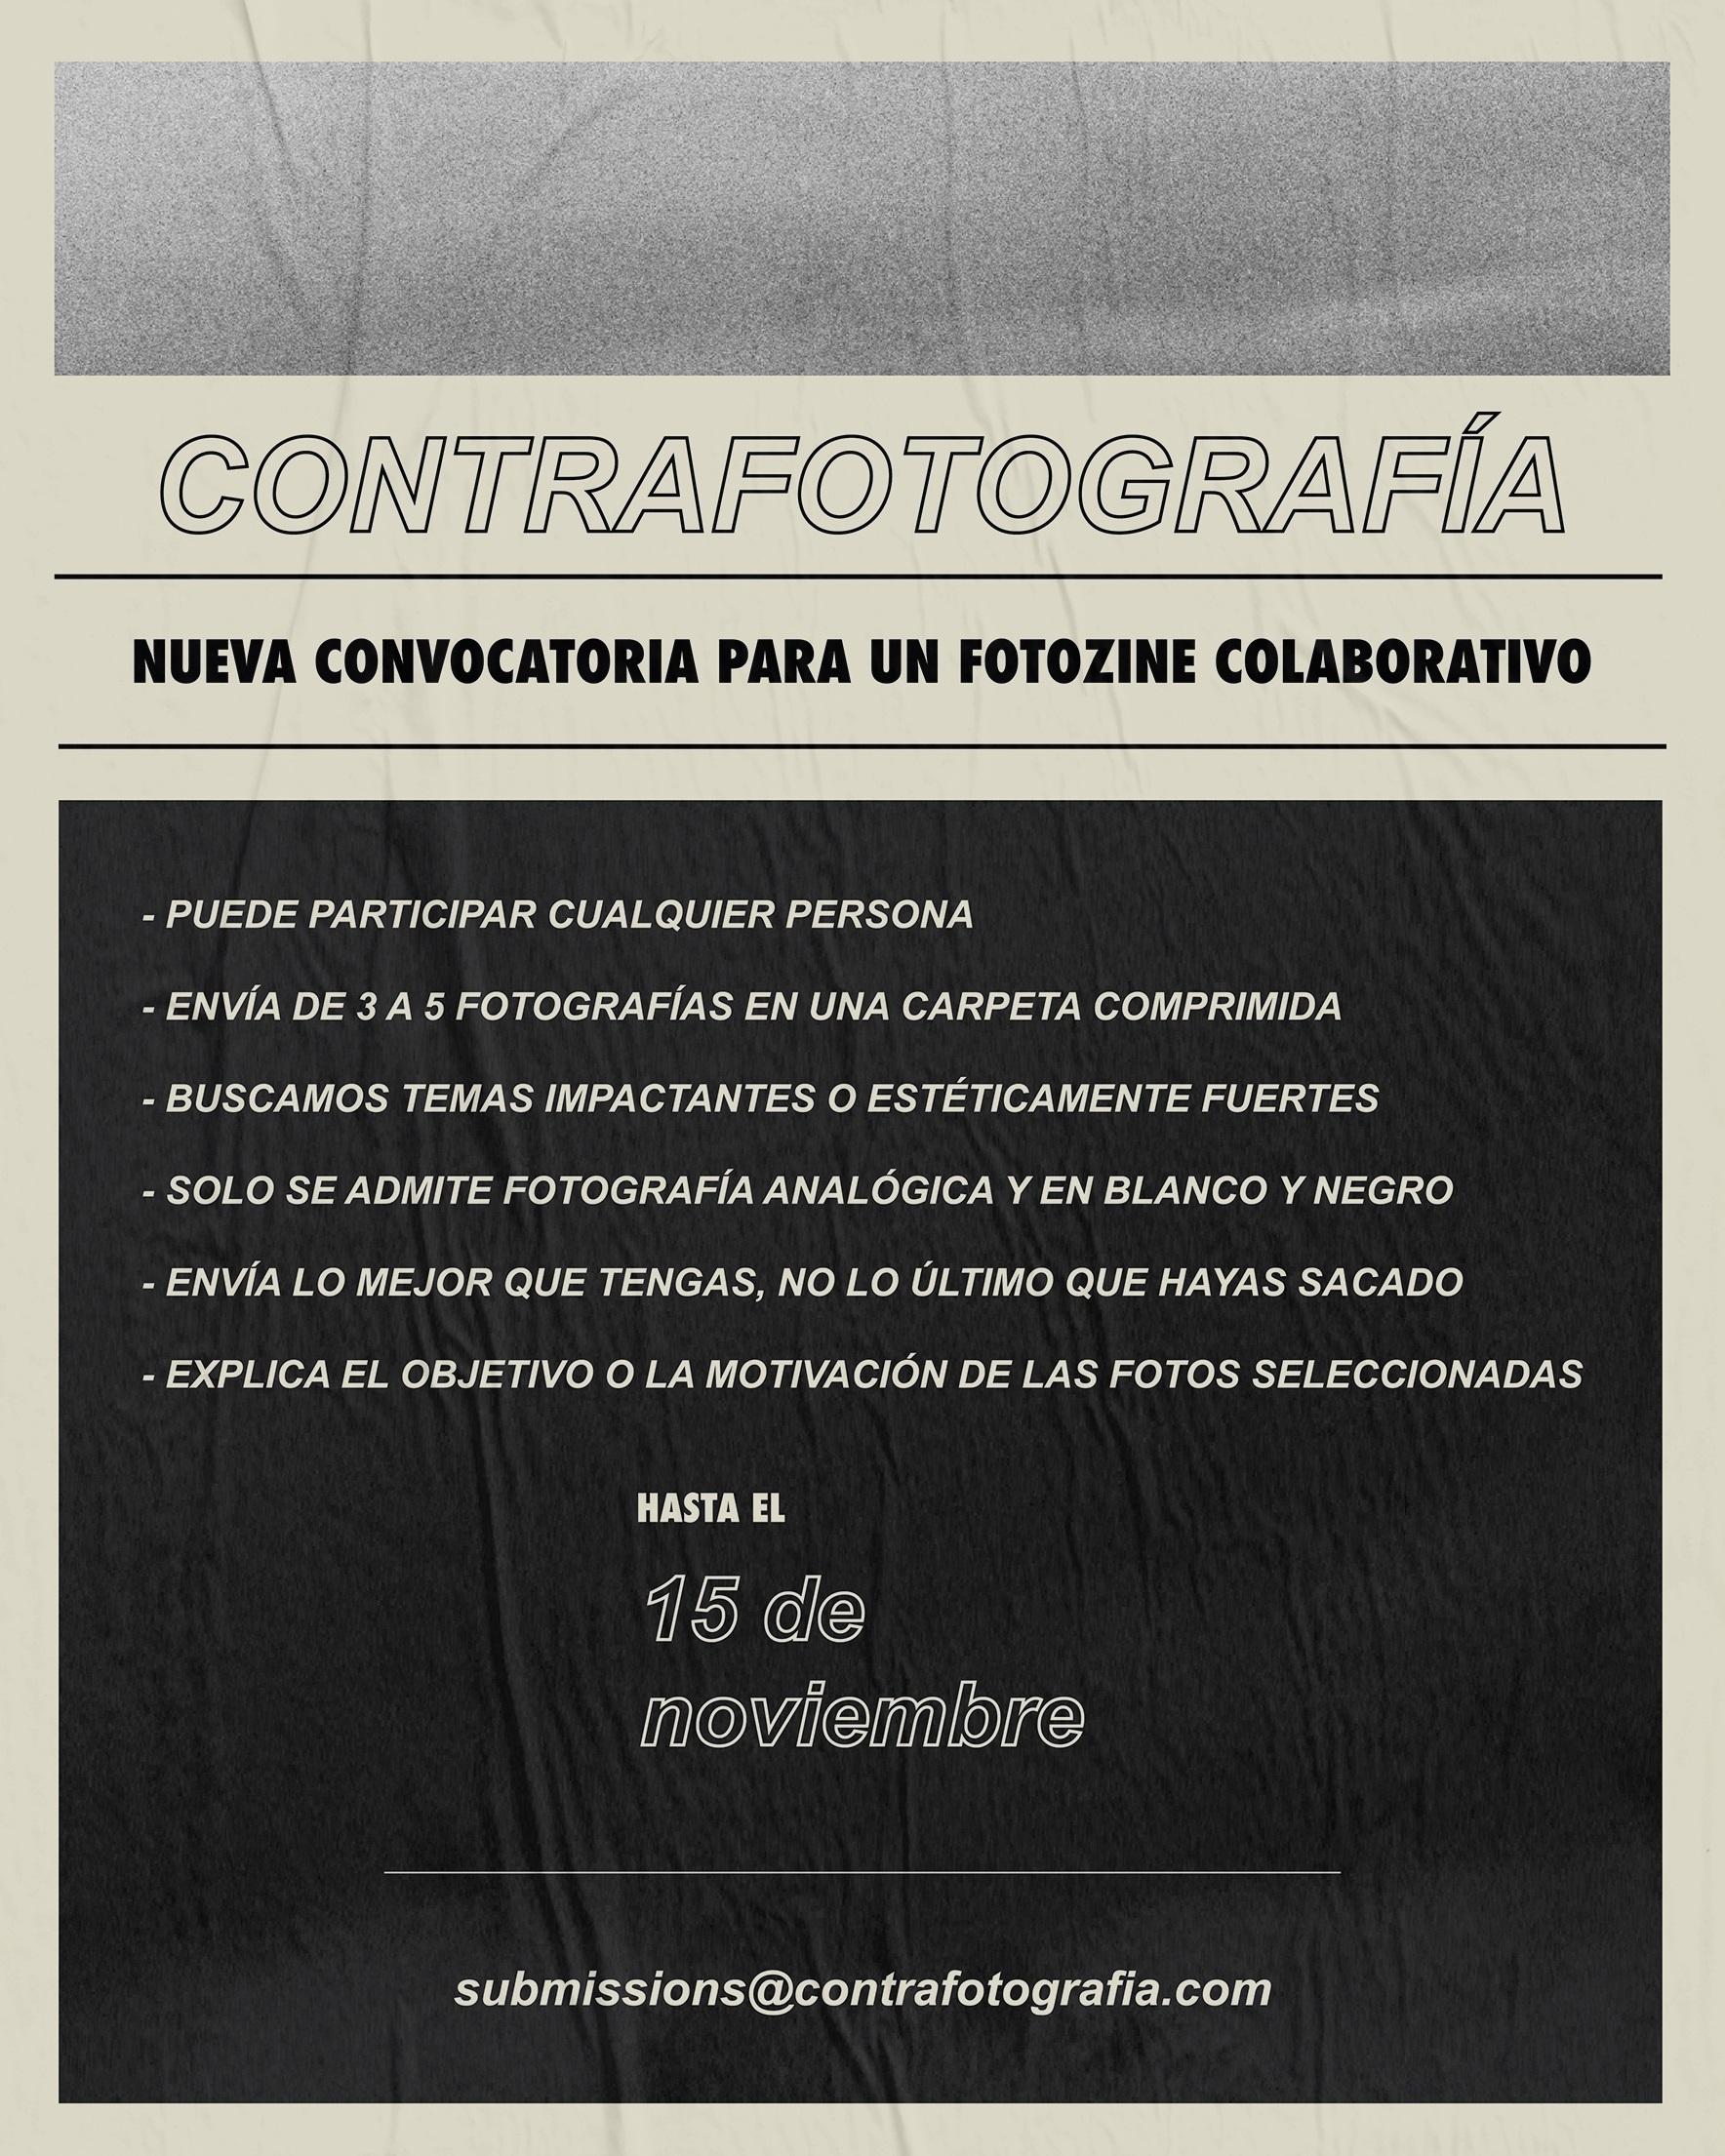 contrafotografia convocatoria fanzine colaborativo 2018